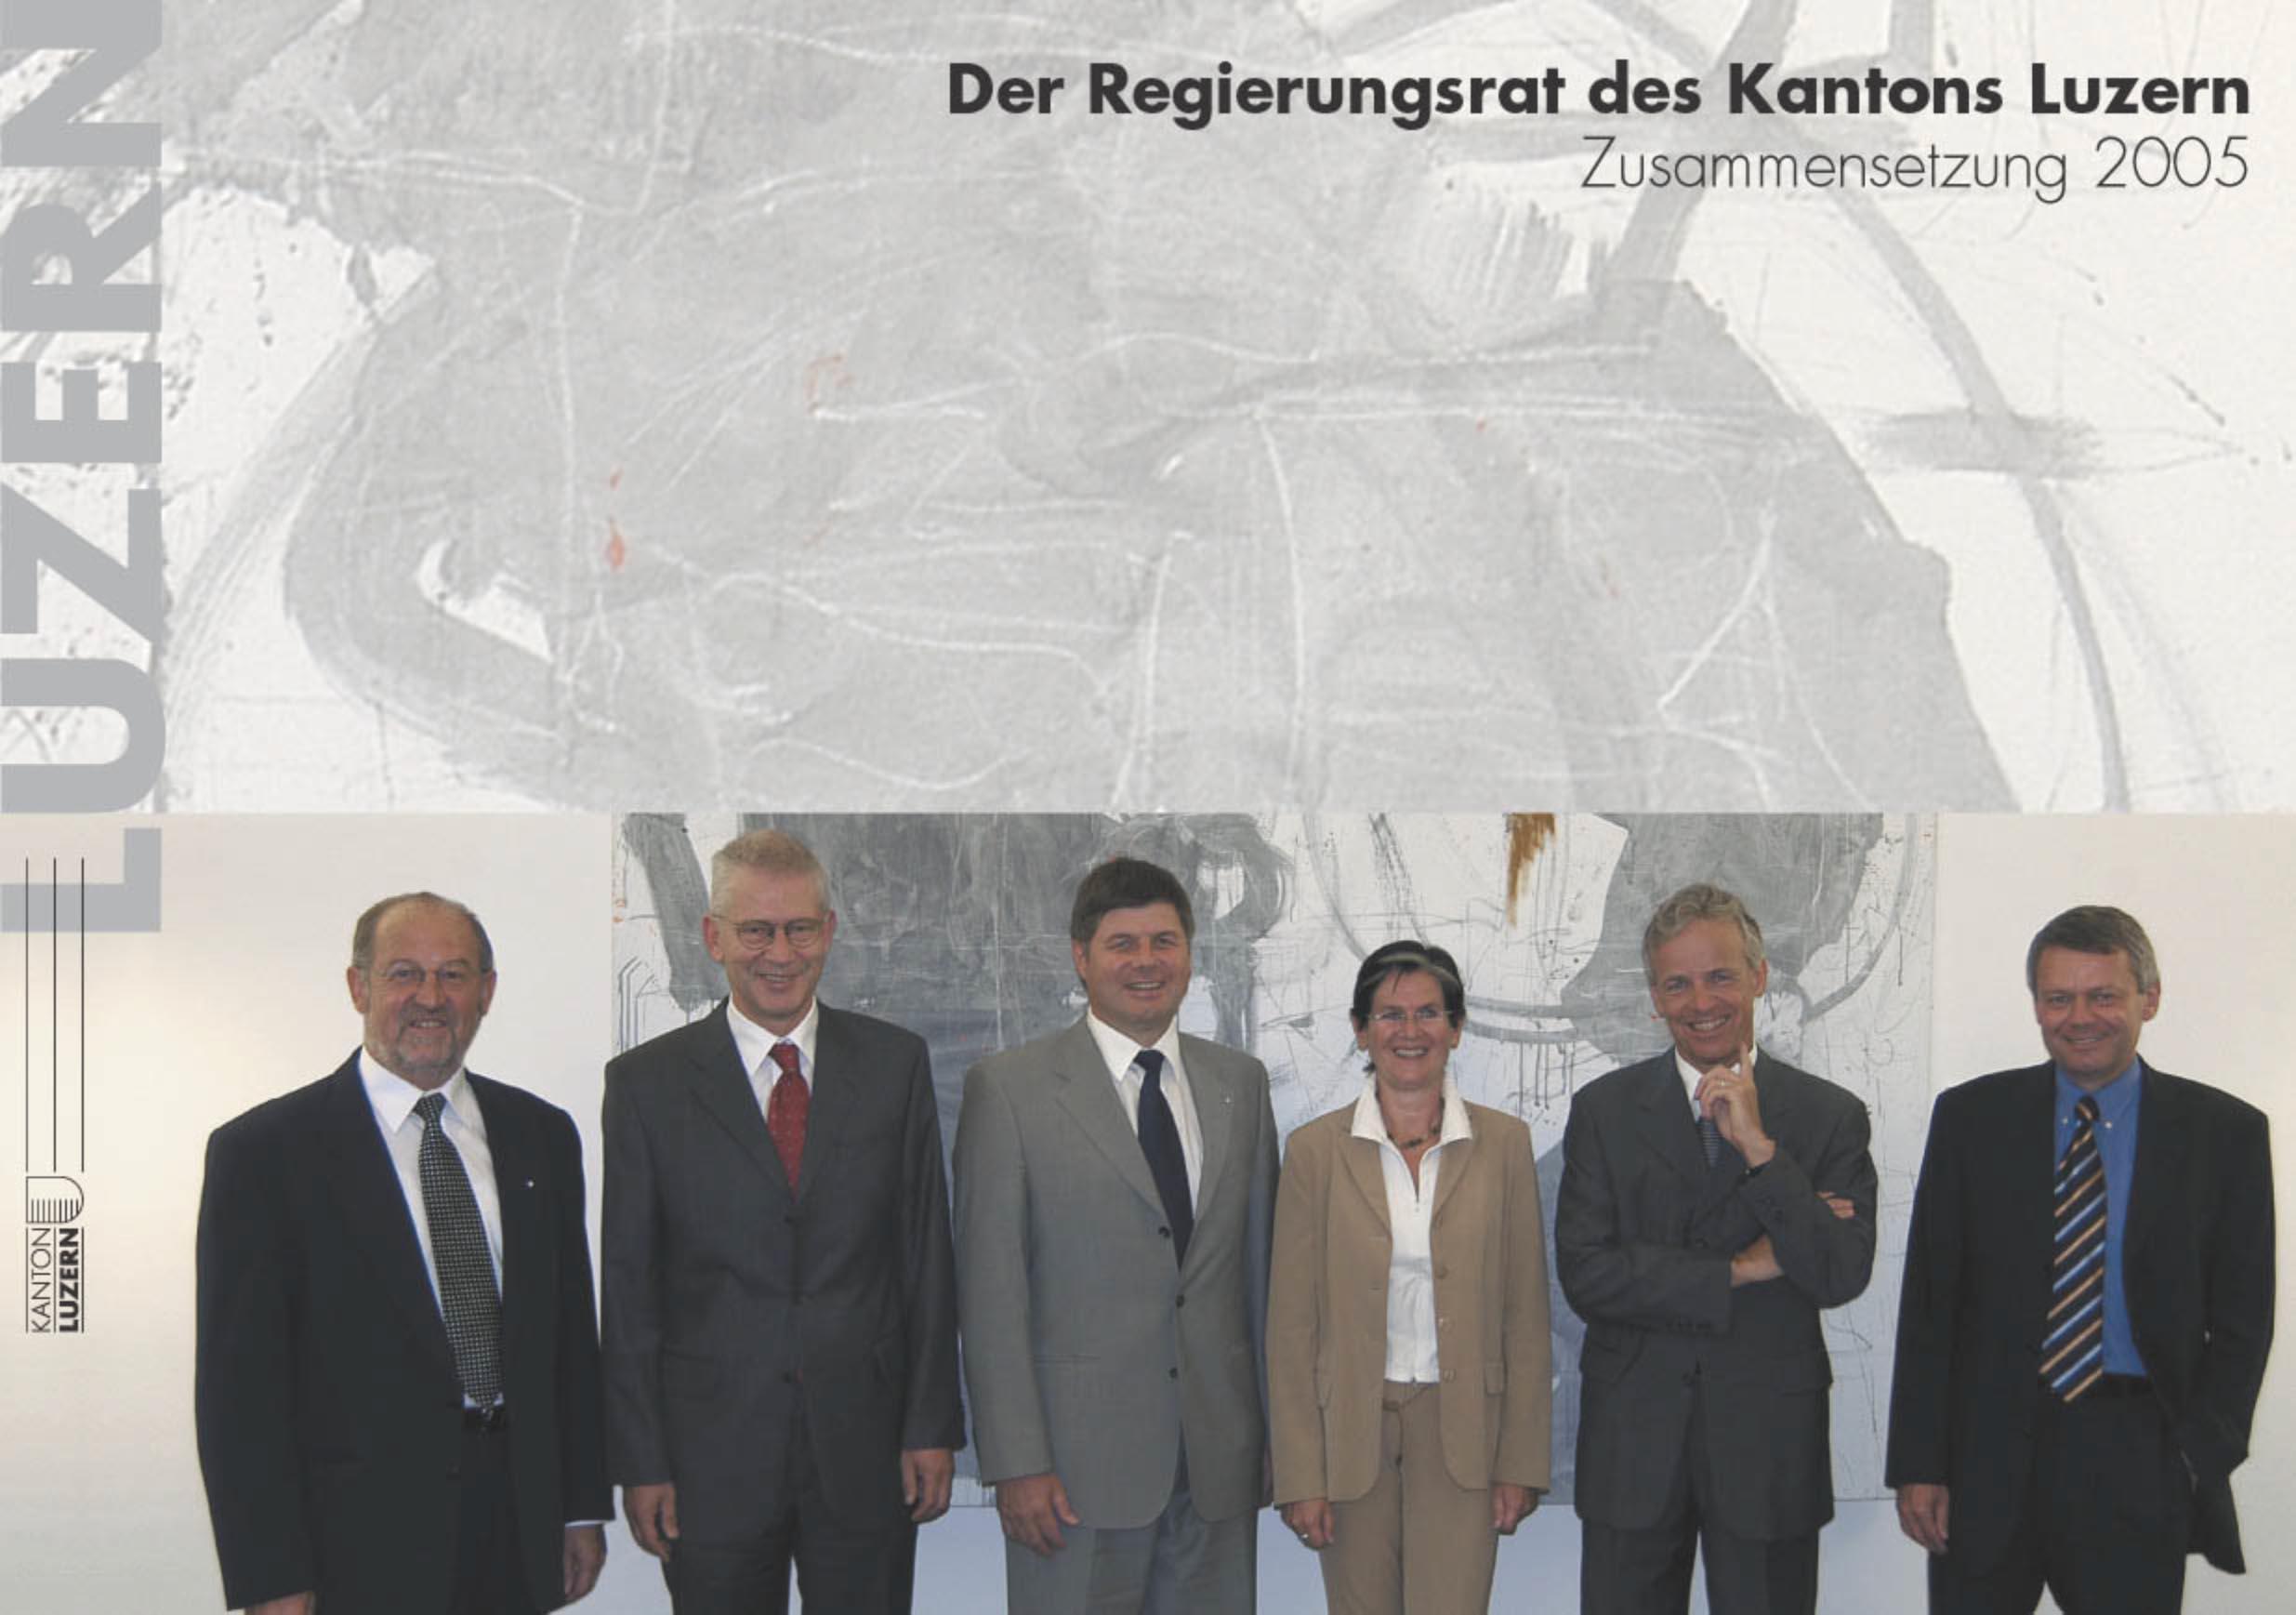 Das Foto 2004/2005: (v.l.) Anton Schwingruber (CVP), Kurt Meyer (CVP, Schultheiss), Markus Dürr (CVP), Yvonne Schärli (SP), Max Pfister (FDP, Statthalter) und rechts Staatsschreiber Viktor Baumeler.